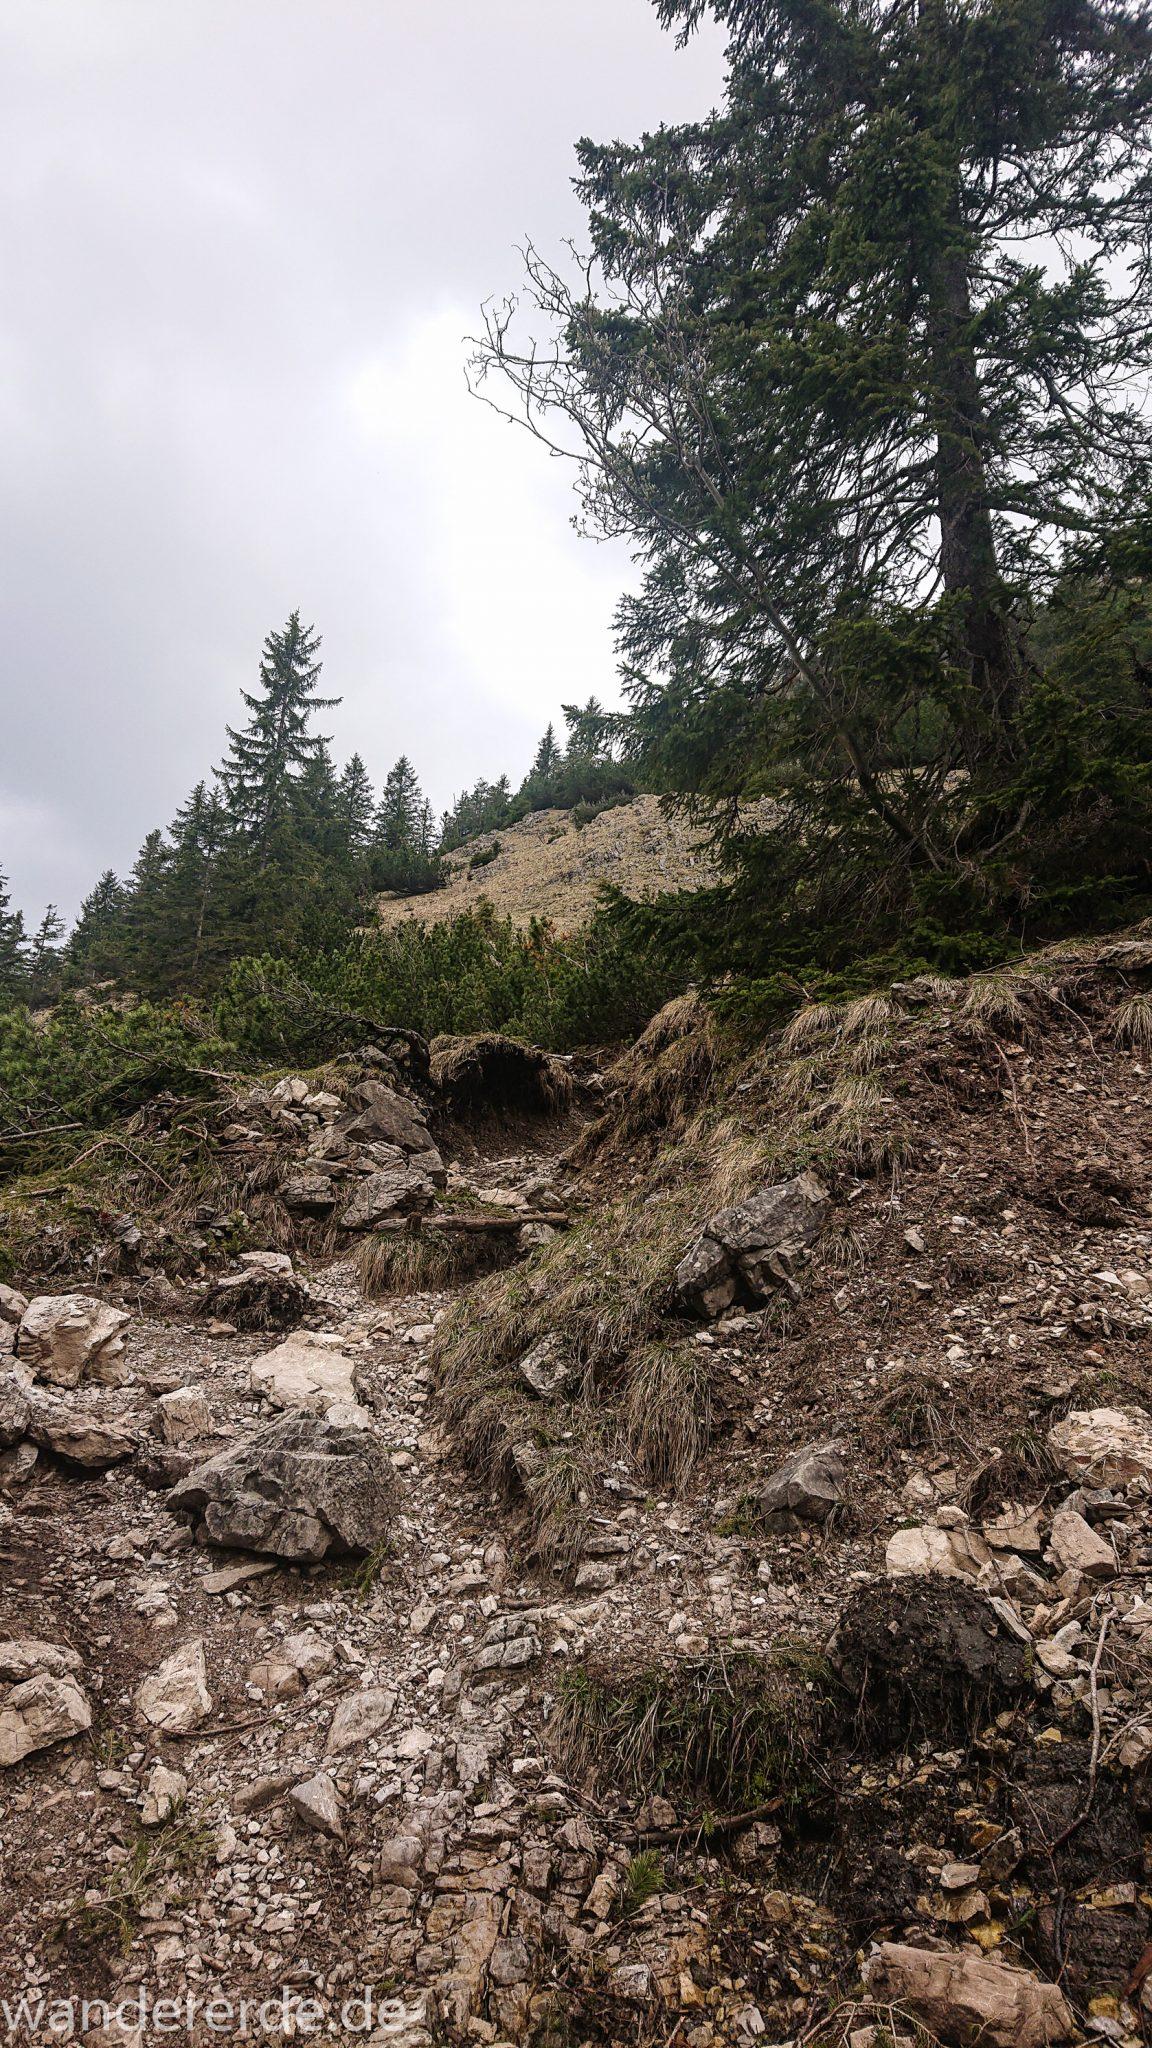 Wanderung Unterer Gaisalpsee, Wanderweg von Oberstdorf im Allgäu, Wanderpfad wird zunehmend schmaler, steil und felsig, umgeben von schönem dichtem Mischwald